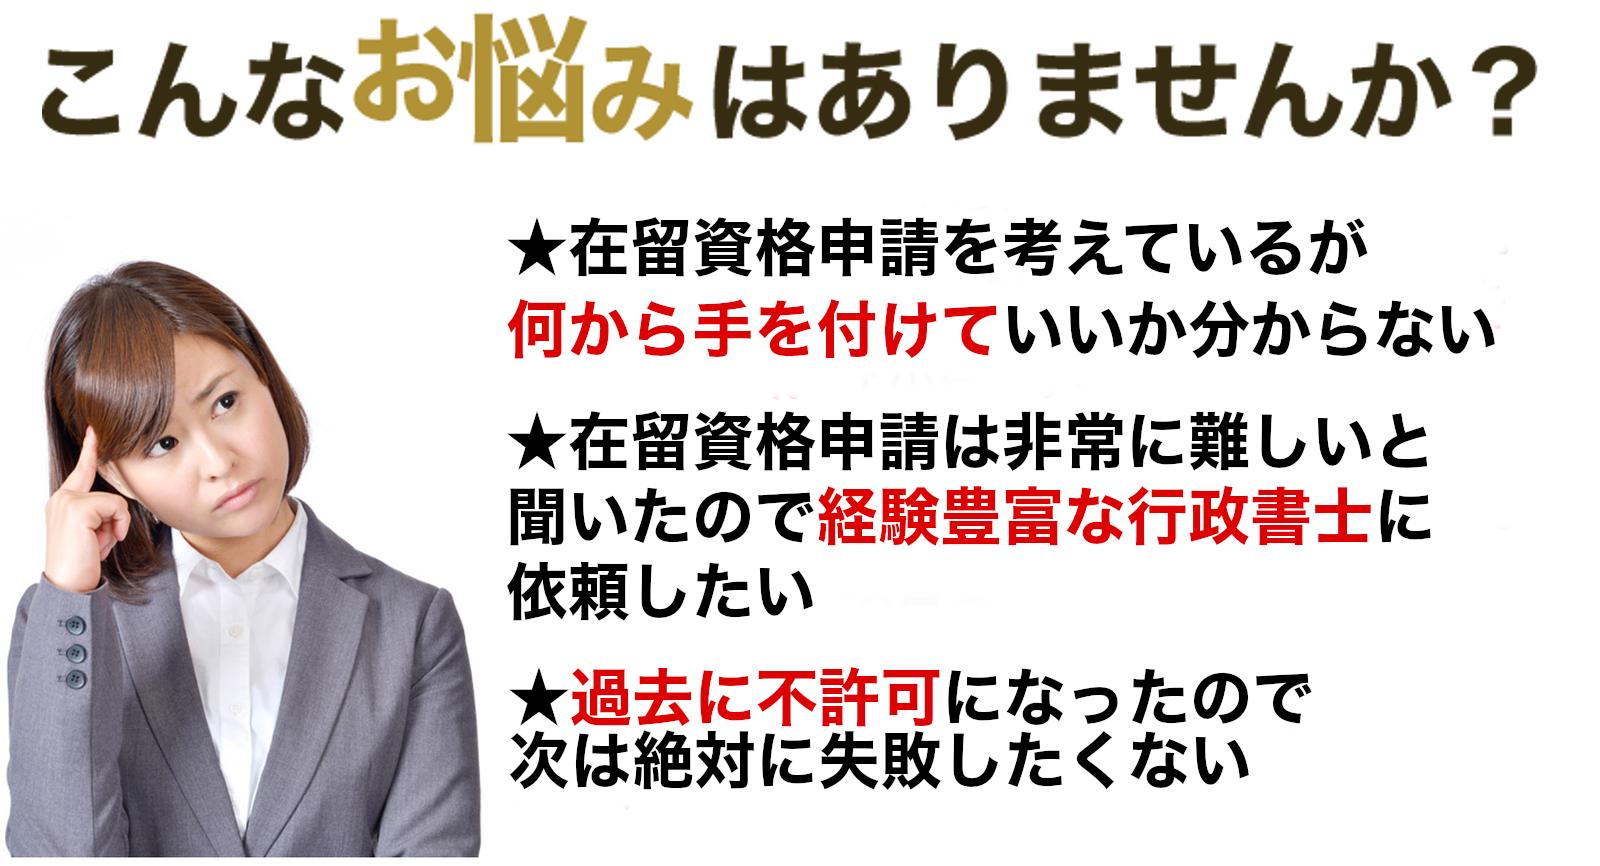 こんなお悩みありませんか? 行政書士法人エベレスト東京品川事務所が解決致します! ✅ ビザ申請予定ですが、何から手をつけていいか分からない。行政書士に相談したい。 ✅ 外国人ビザ申請は非常に難しいと聞いたので専門家(行政書士法人エベレスト東京品川事務所)に任せたい。 ✅ 会って相談できる経験豊富な行政書士に依頼したい(直接面談)。 ✅ 過去に自己申請で不許可。次は失敗したくないので行政書士に相談したい。 ✅ 土日対応可能・経験豊富なビザ申請のプロ(行政書士法人エベレスト東京品川事務所)にお願いしたい。